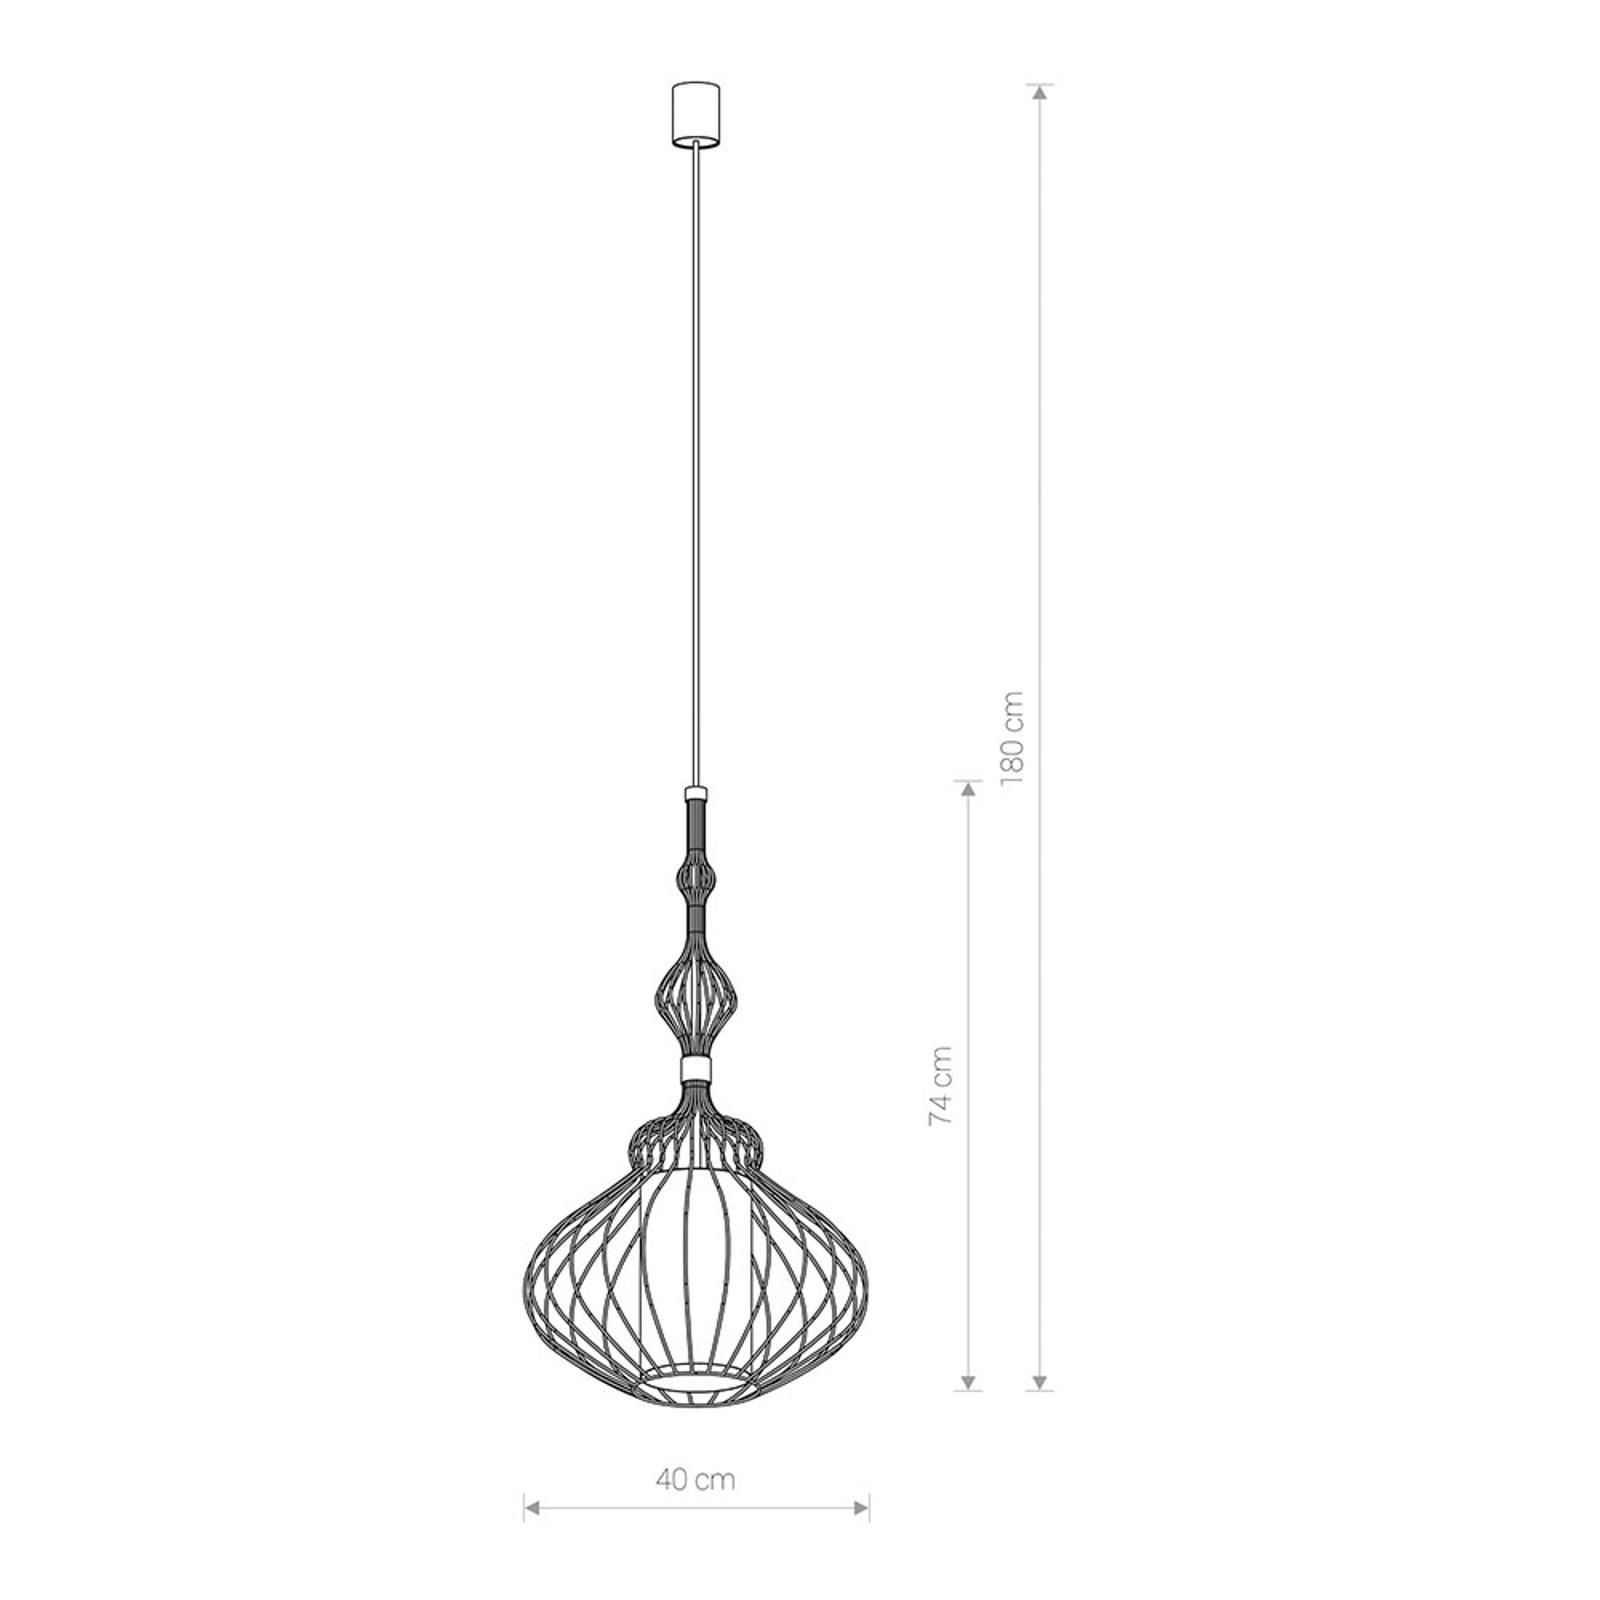 Lampa wisząca Abi M z podwójnym kloszem, czarna